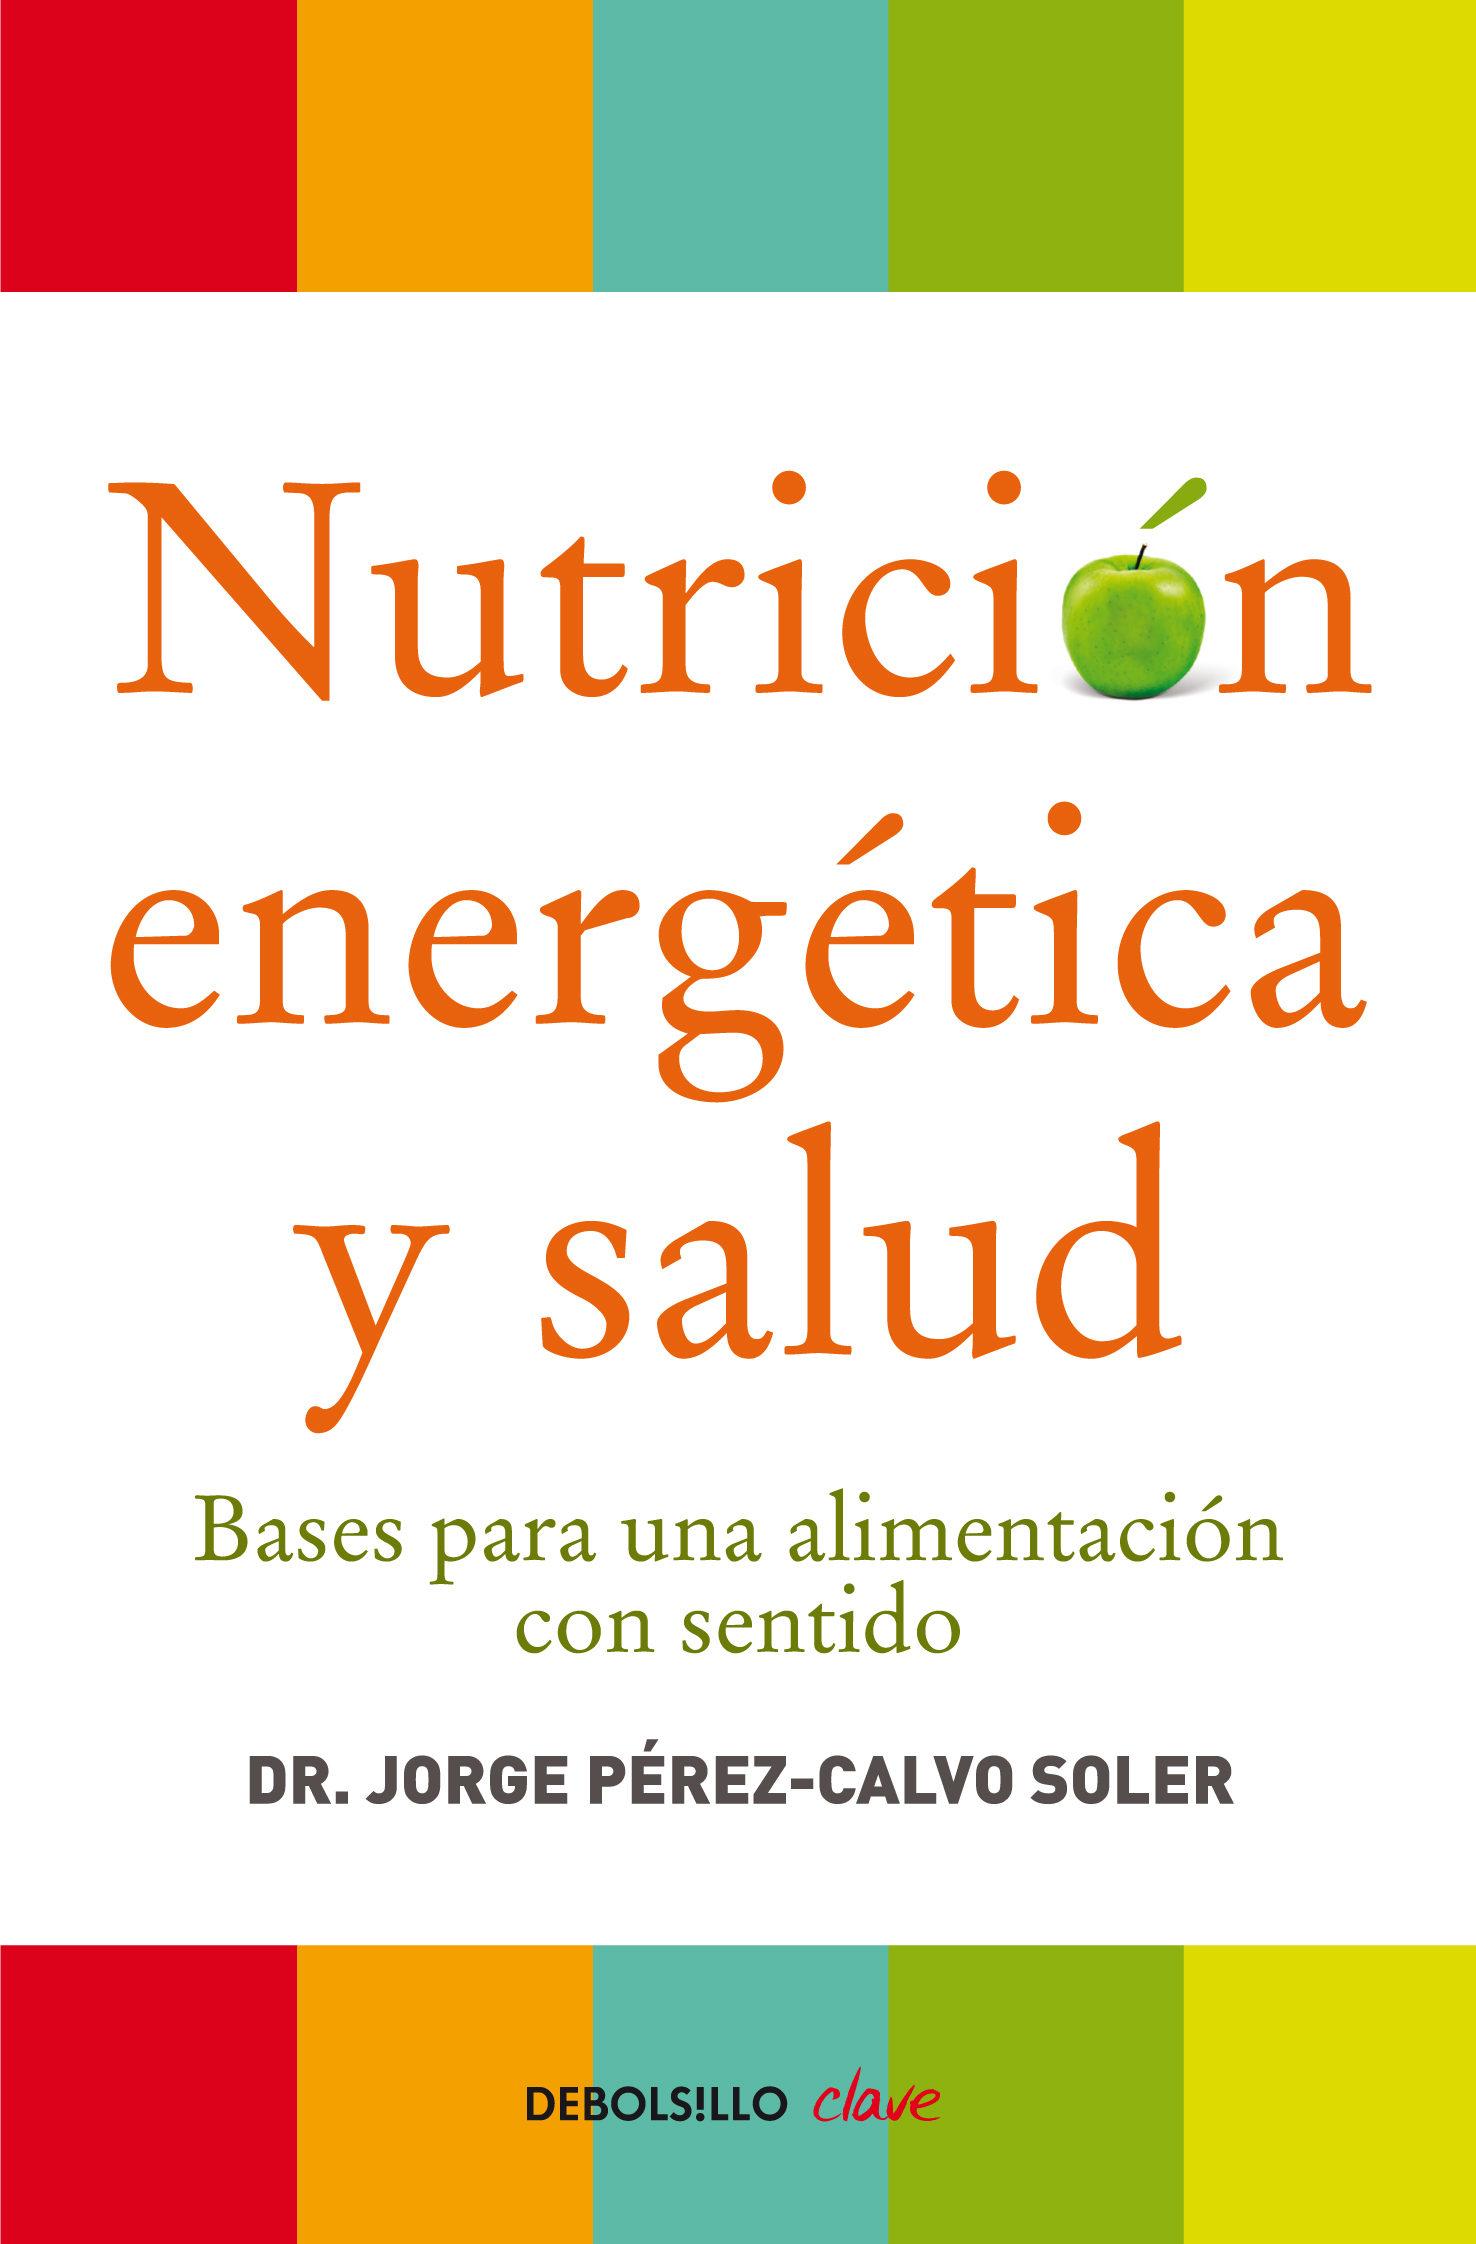 Nutrició energética y salut